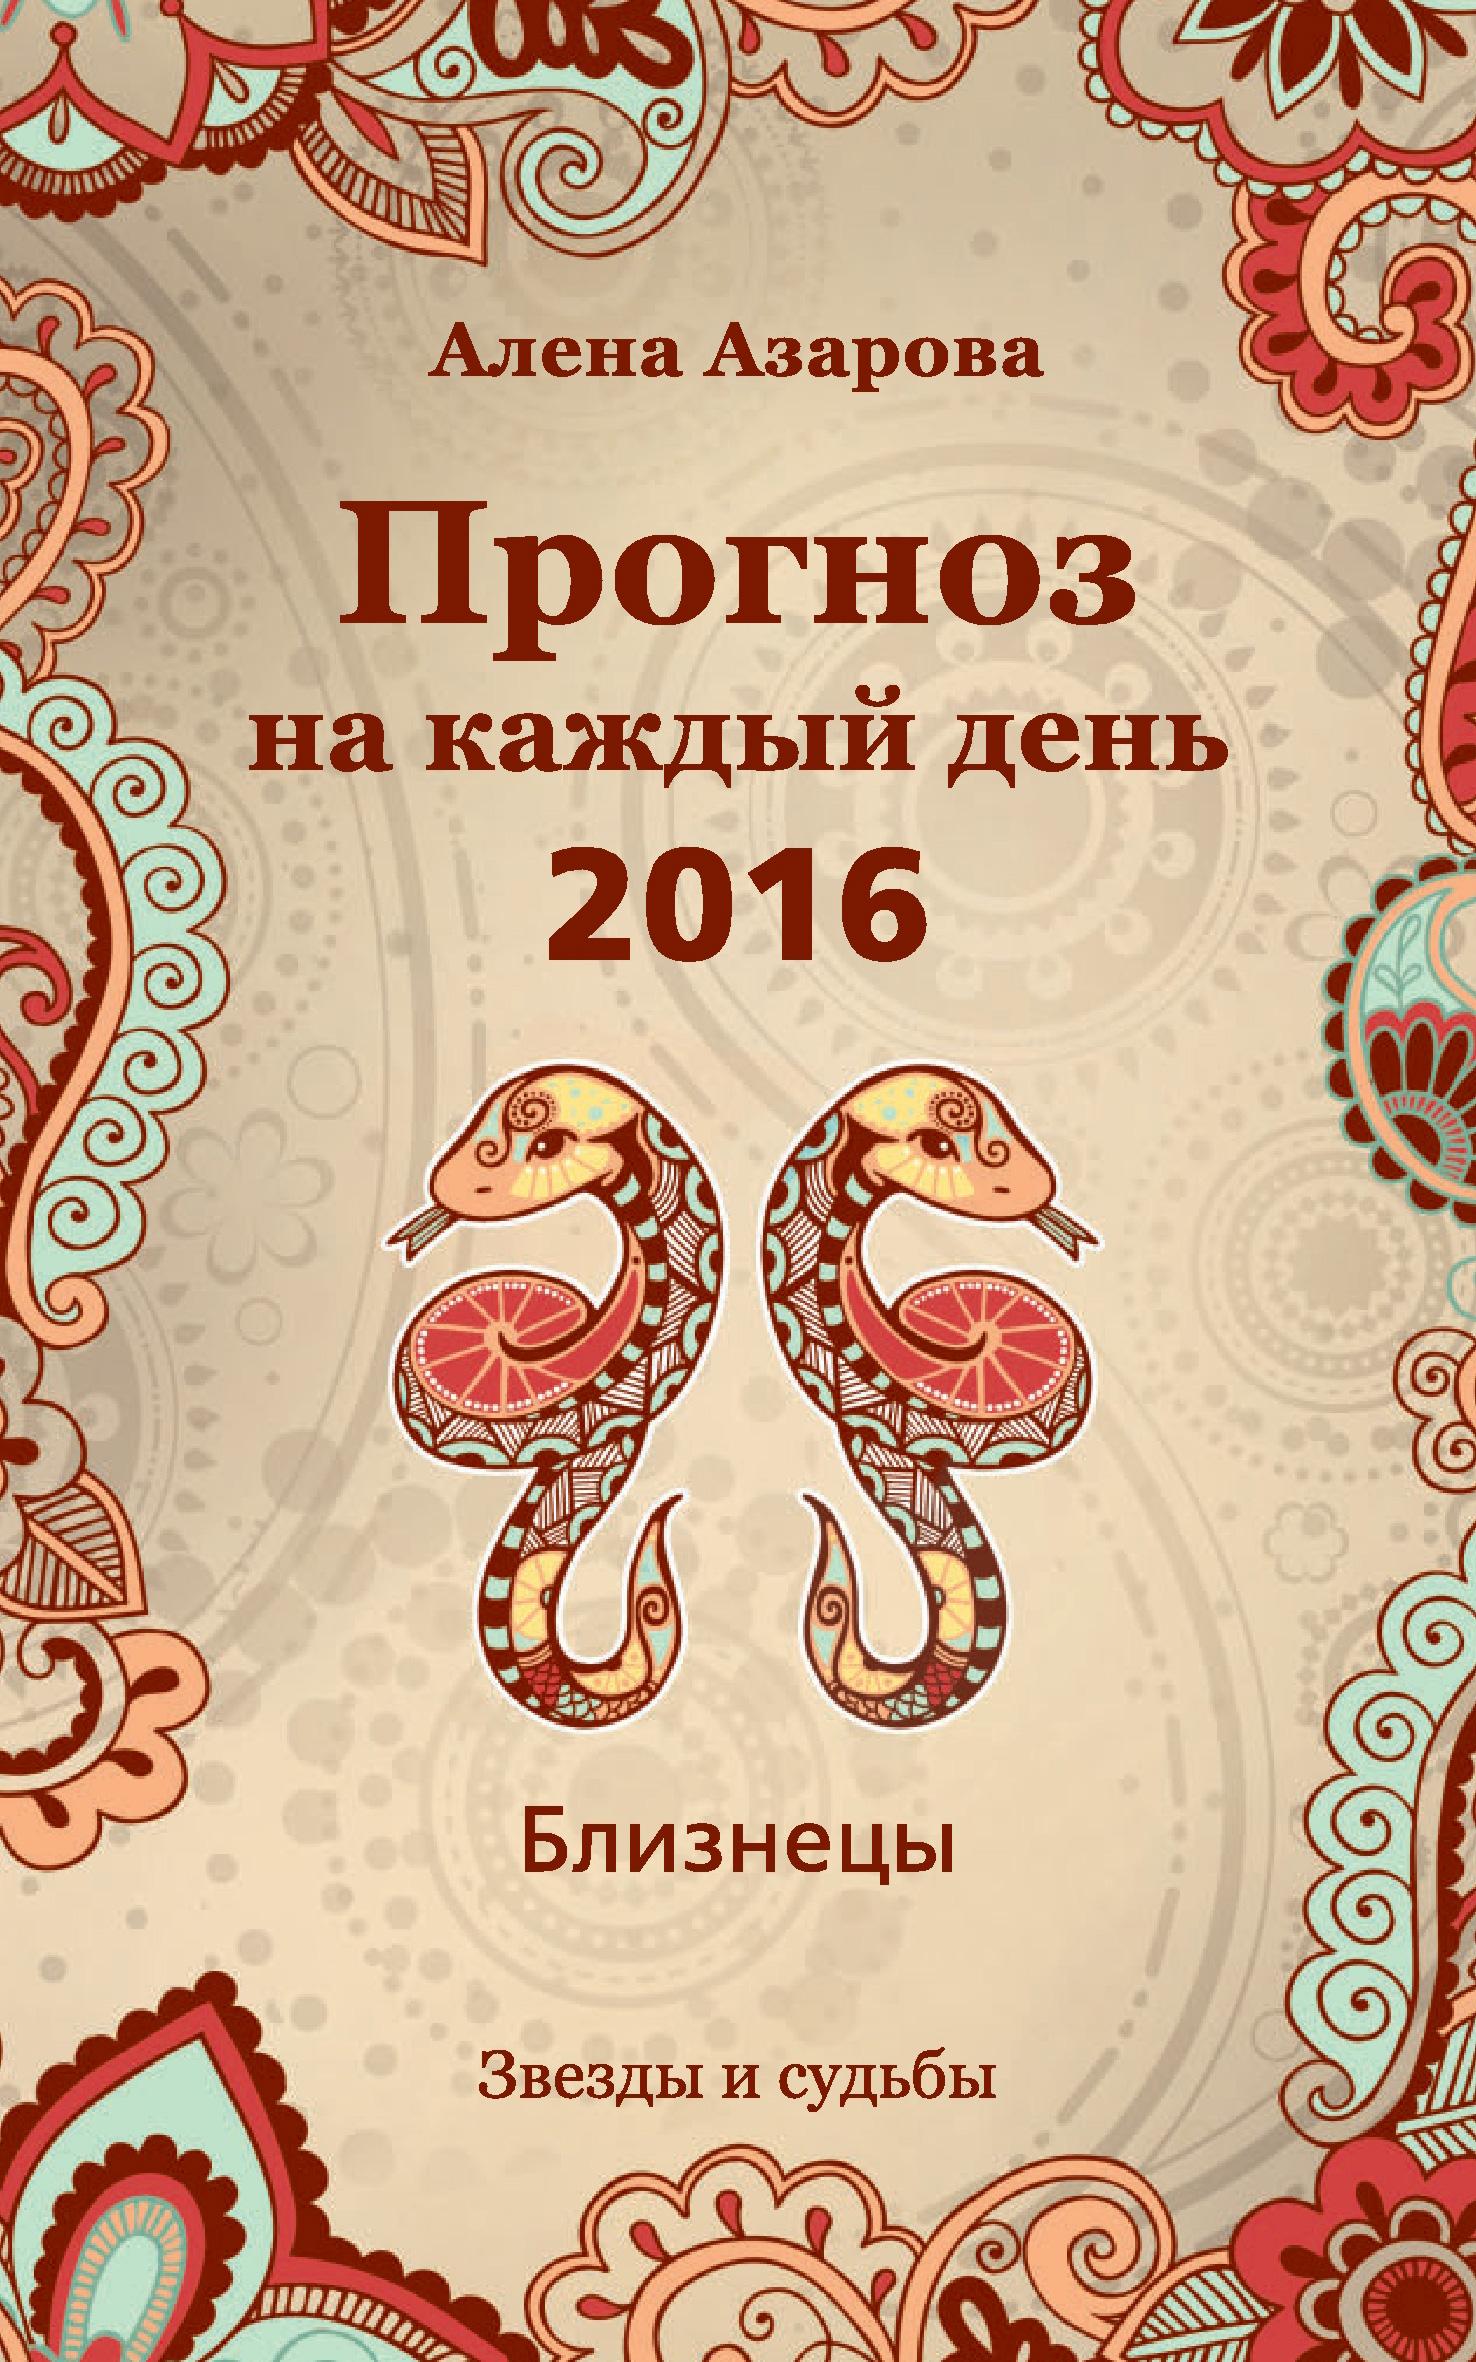 Алена Азарова Прогноз на каждый день. 2016 год. Близнецы алена азарова прогноз на каждый день 2016 год скорпион